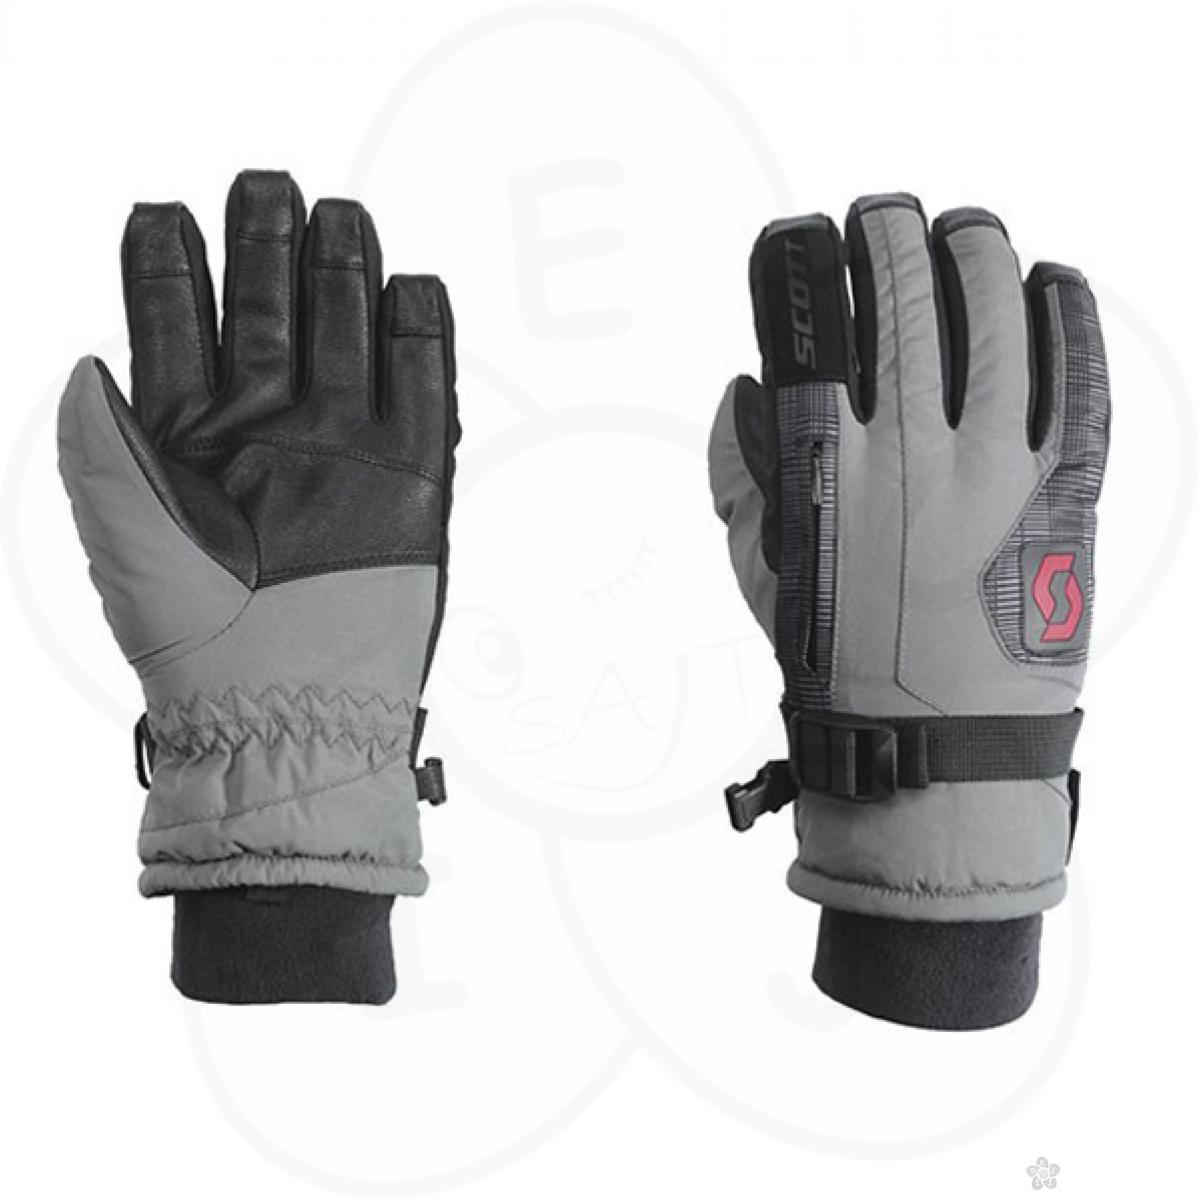 Ski rukavice Scott dečije Gripper grey SC2200570011